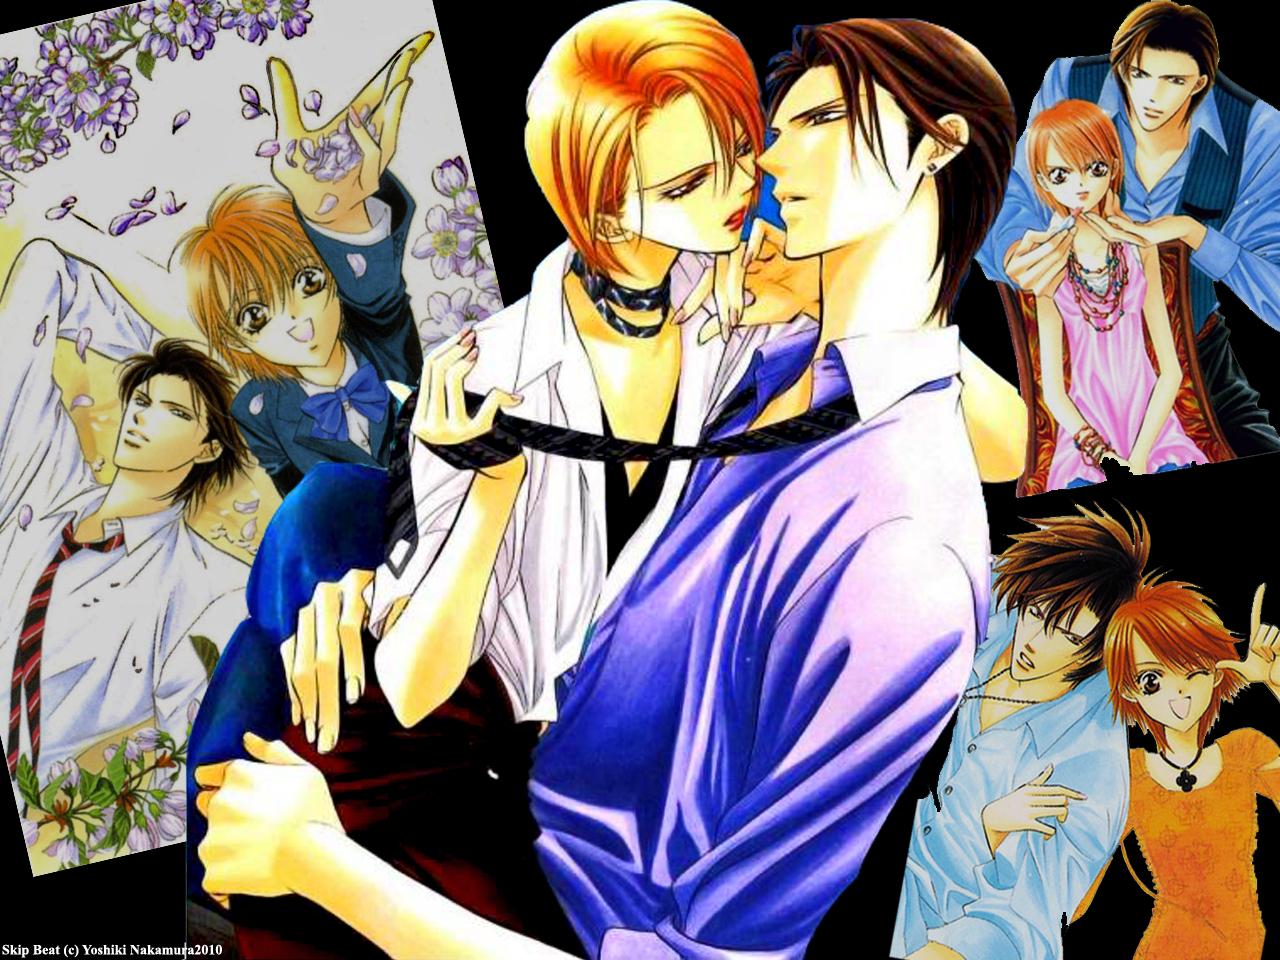 Ren and Kyoko by harryjames